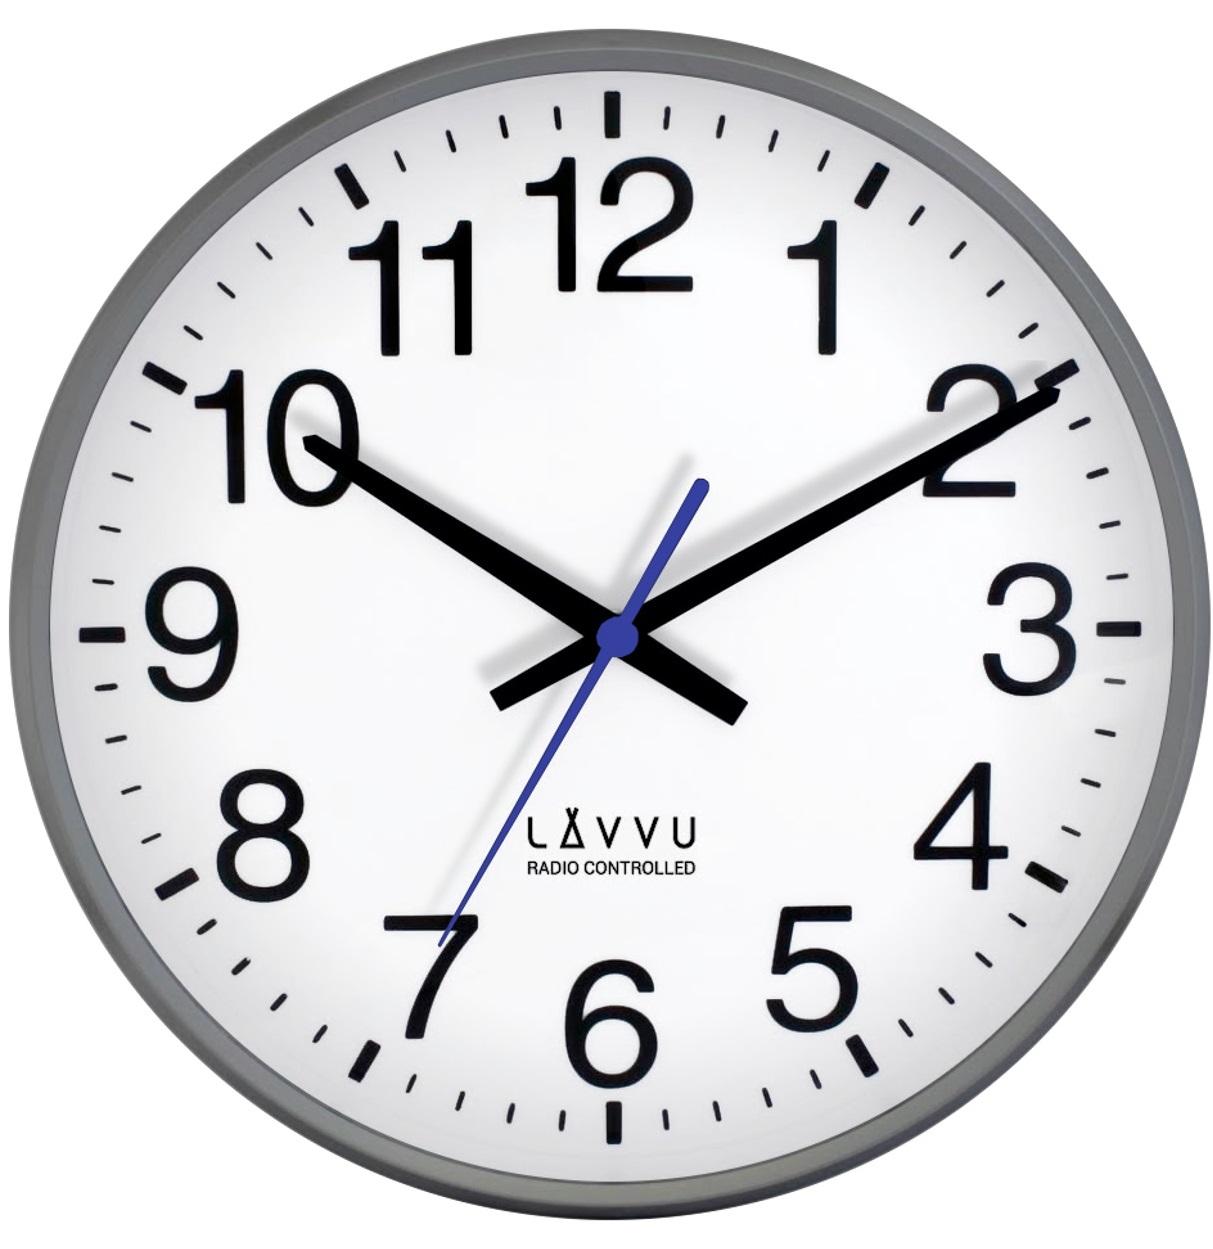 Metalické hodiny LAVVU FACTORY Metallic Grey řízené rádiovým signálem LCR2011 (rádiem říze